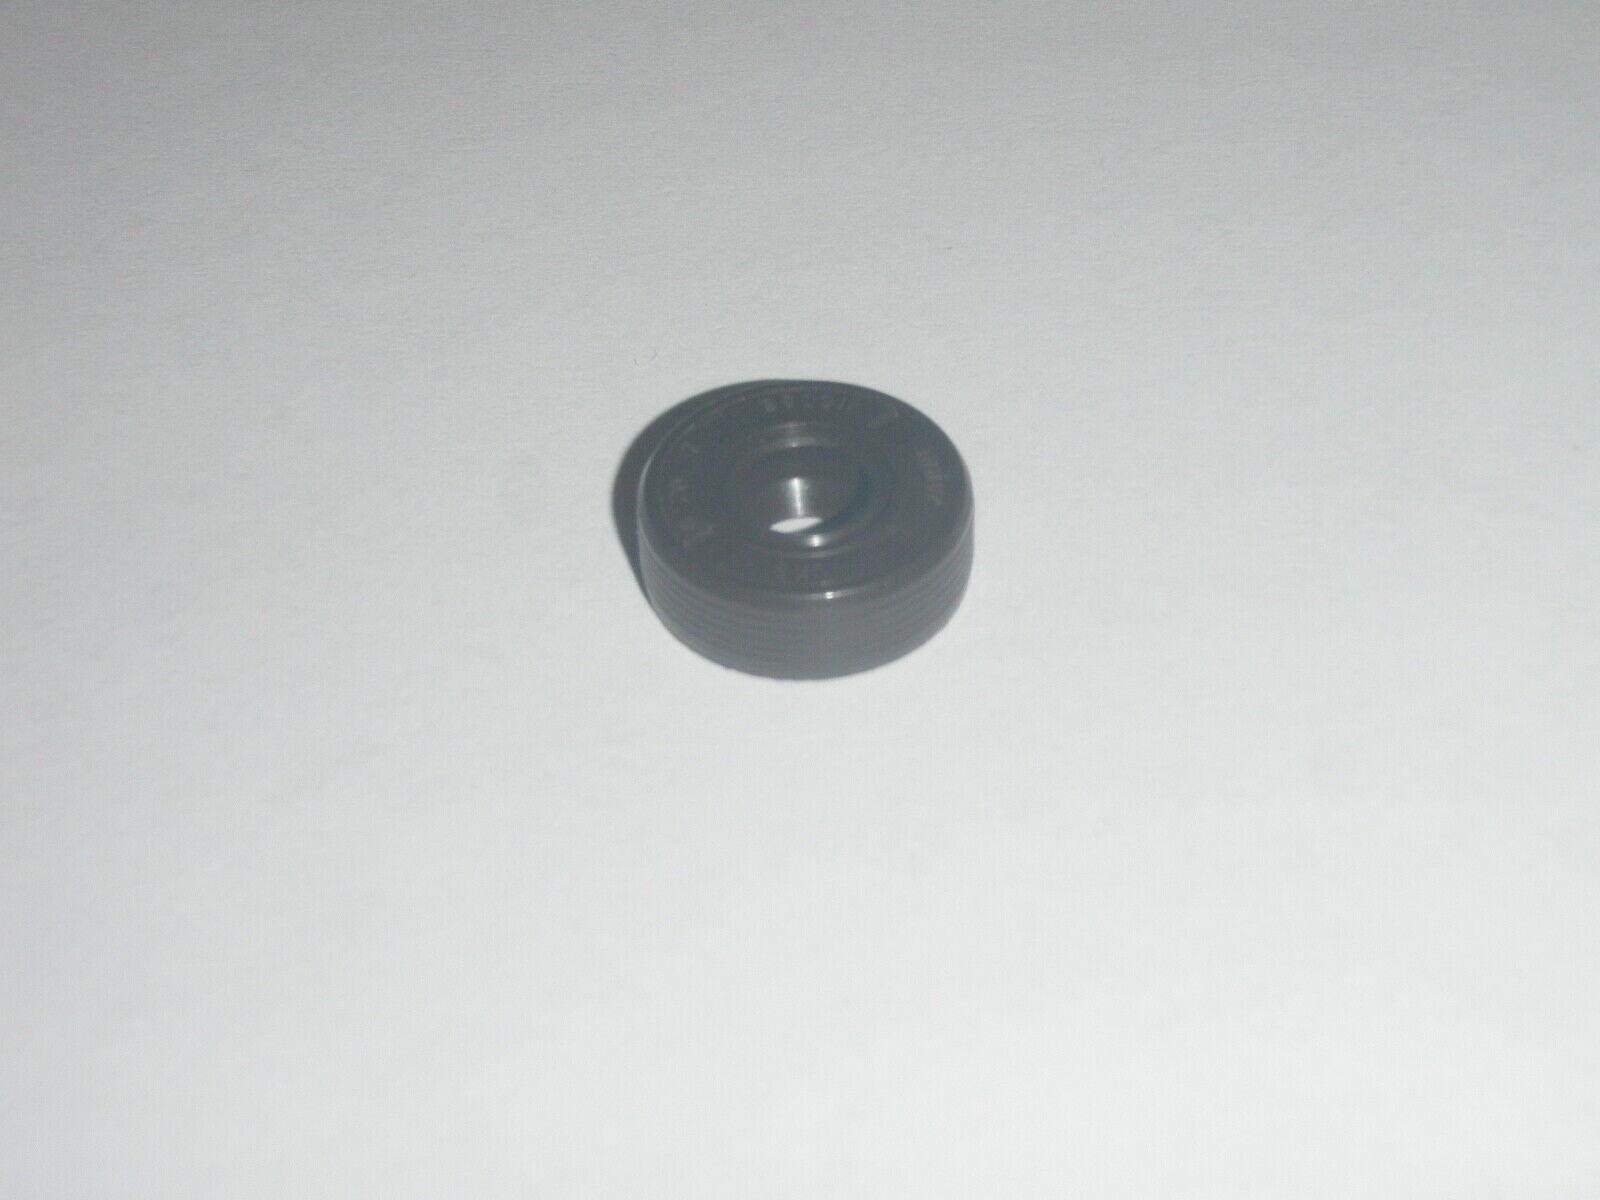 Regal Bread Maker Heavy Duty Pan Seal for models K6780 K6781 K6782 K6783 (10MHD) image 2